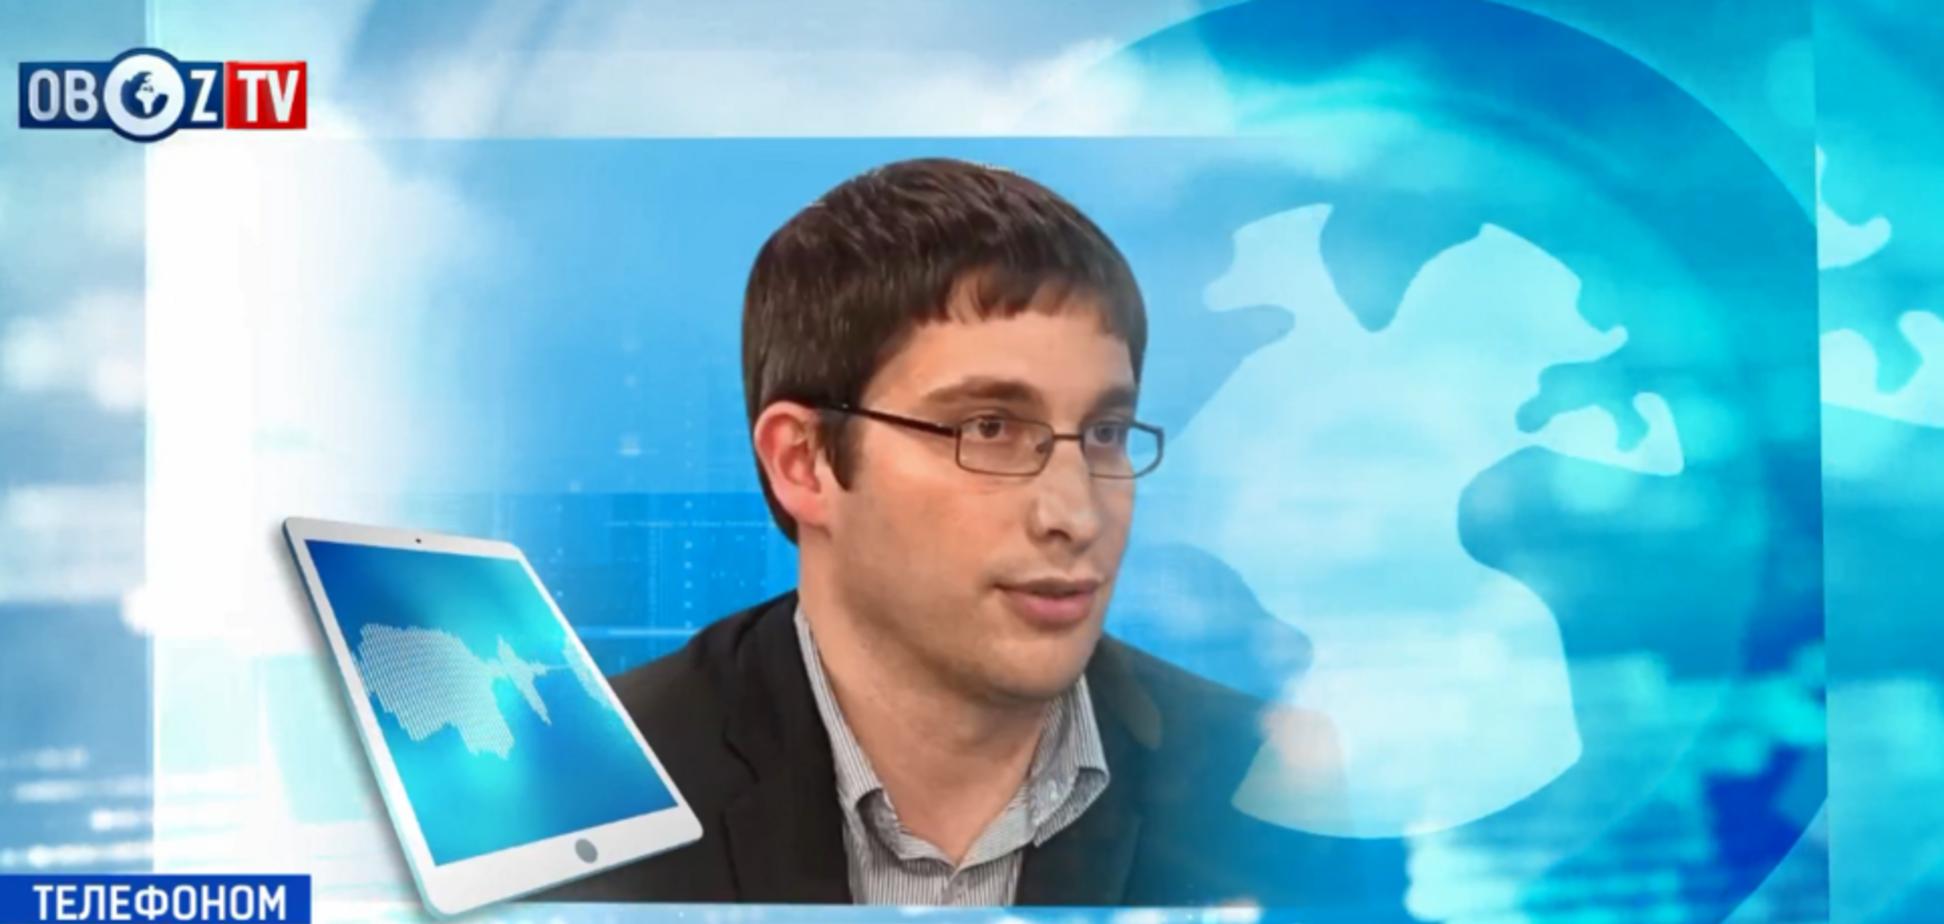 'Риск очень большой': юрист спрогнозировал судьбу люстрации в Украине